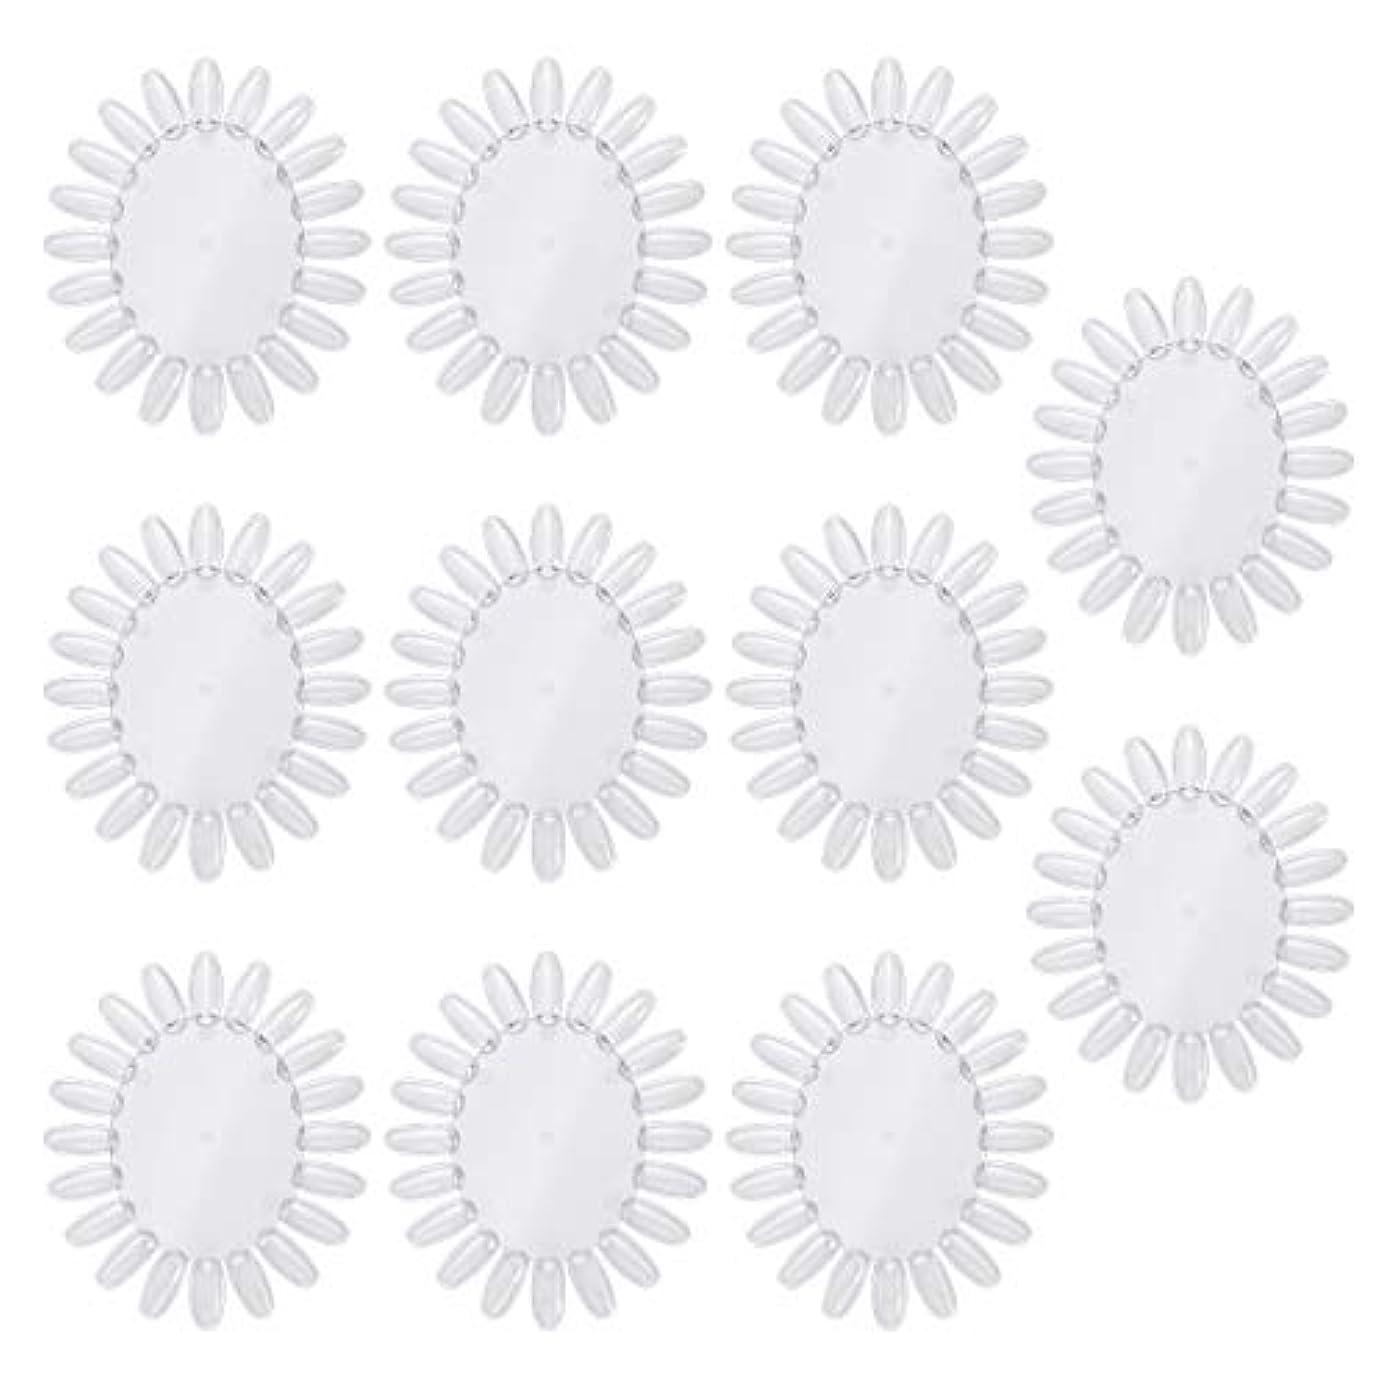 印刷する急勾配のシンプトンFrcolor 10個アクリルネイルアートプラクティスホイールポリッシュカラーディスプレイチャートネイルカラーパレット(透明)